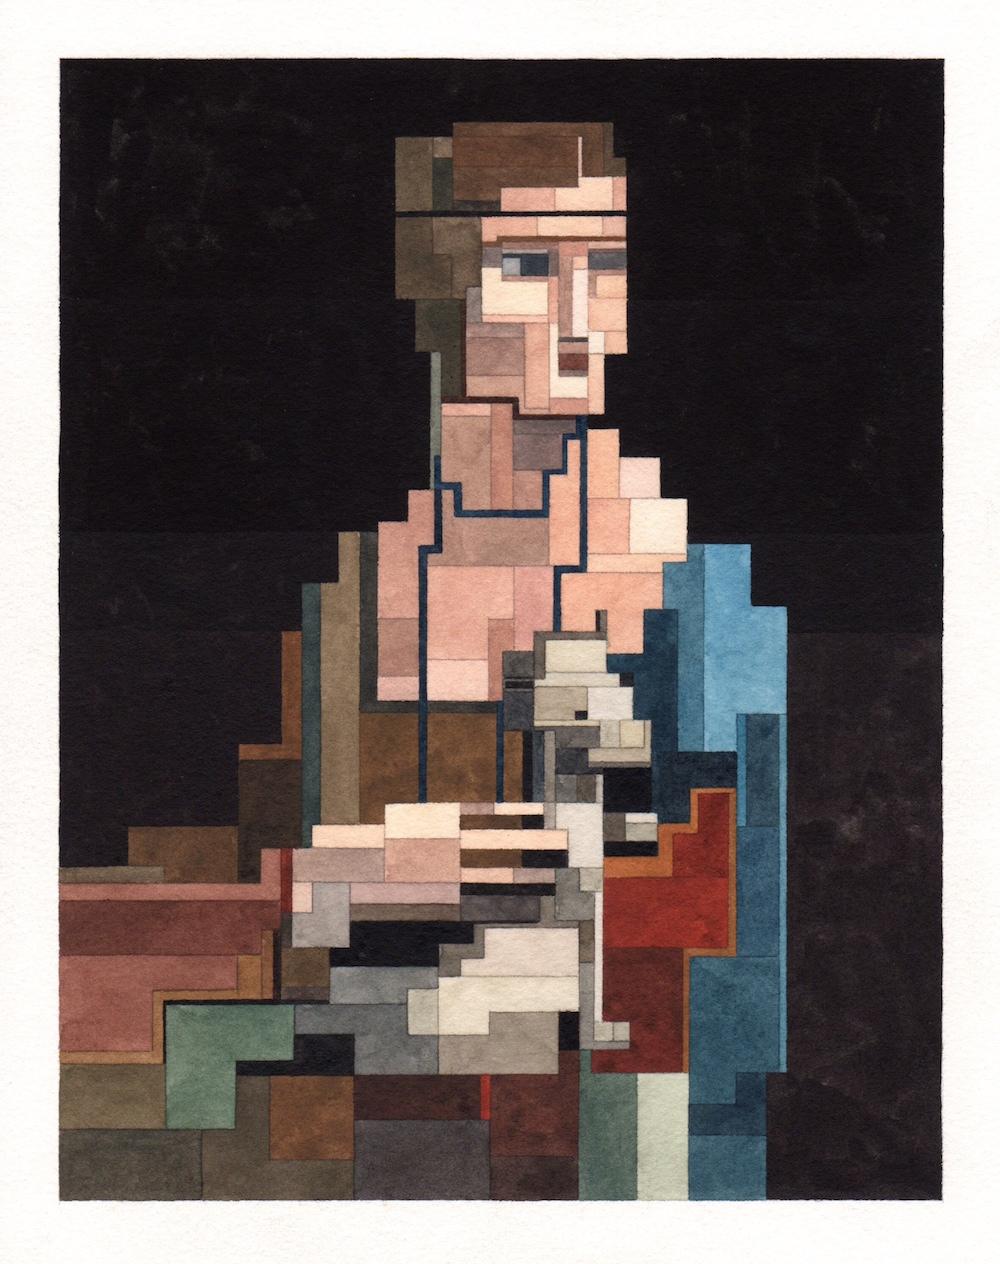 Леонардо да Винчи - «Дама с горностаем»